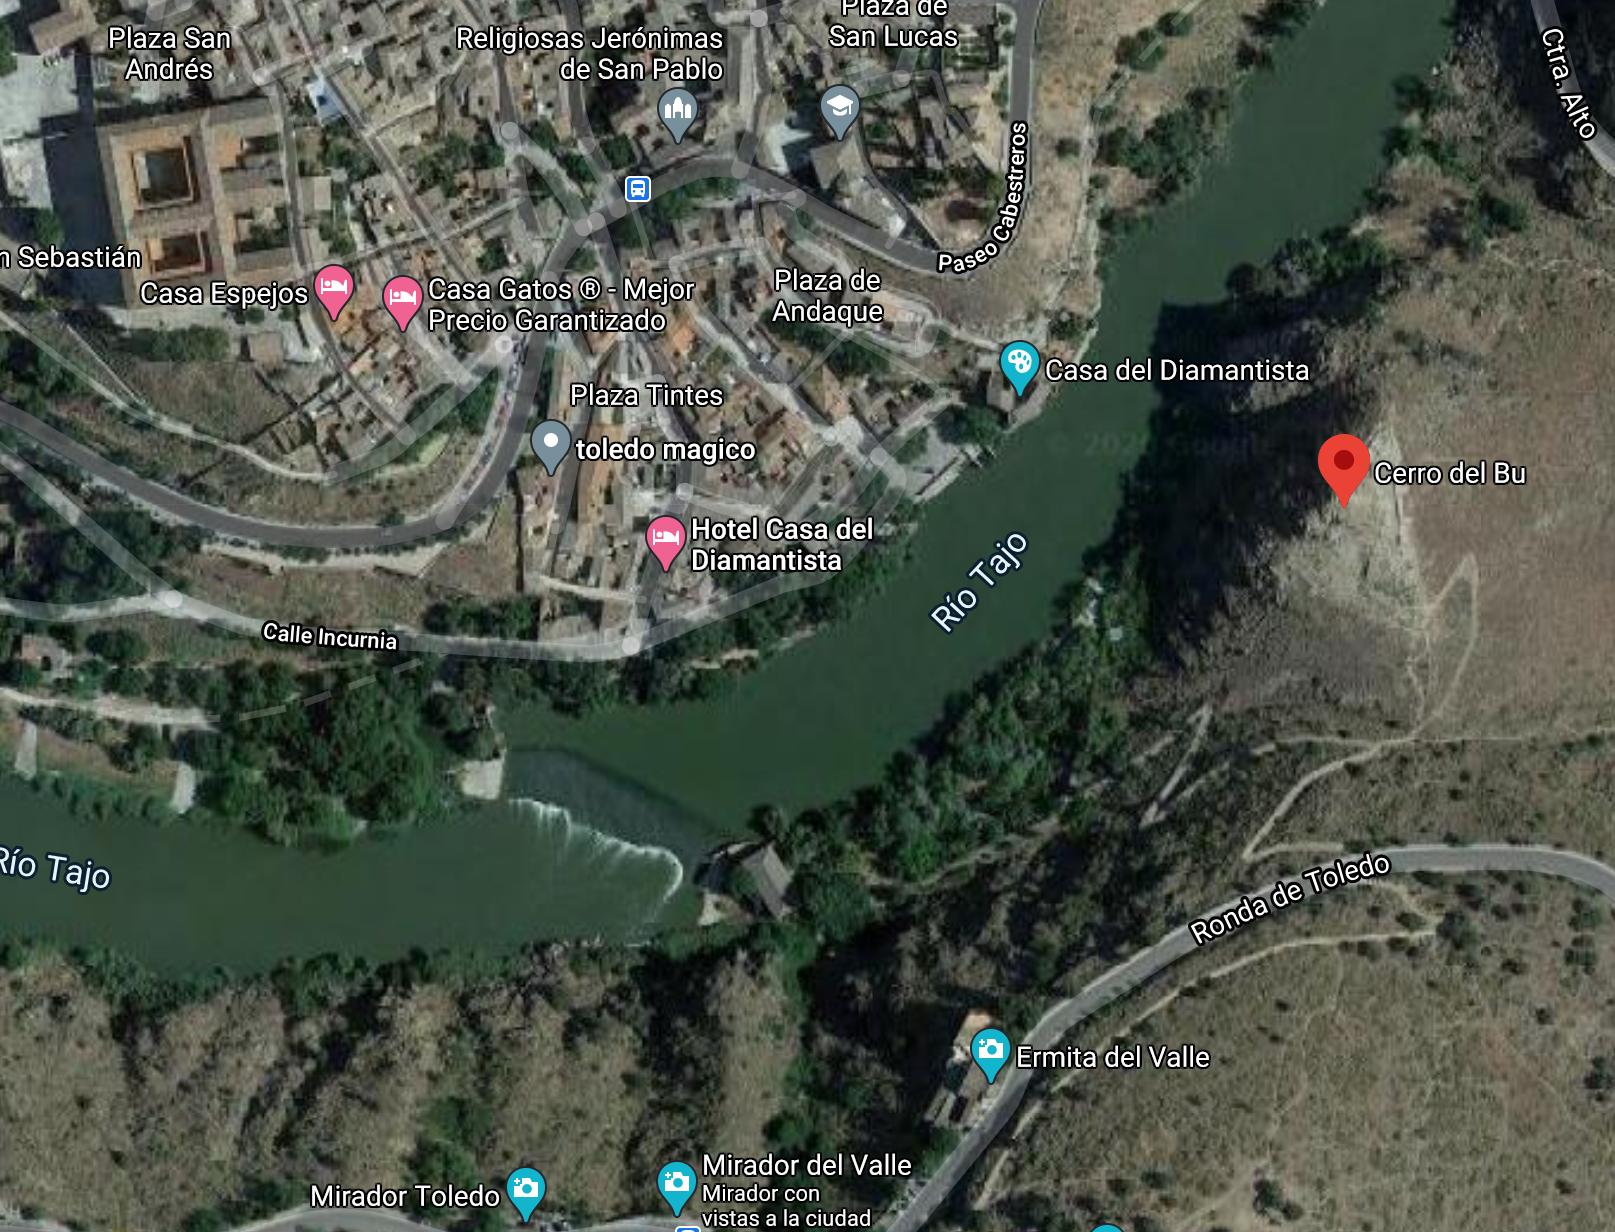 Mapa para acceder al cerro del Bú